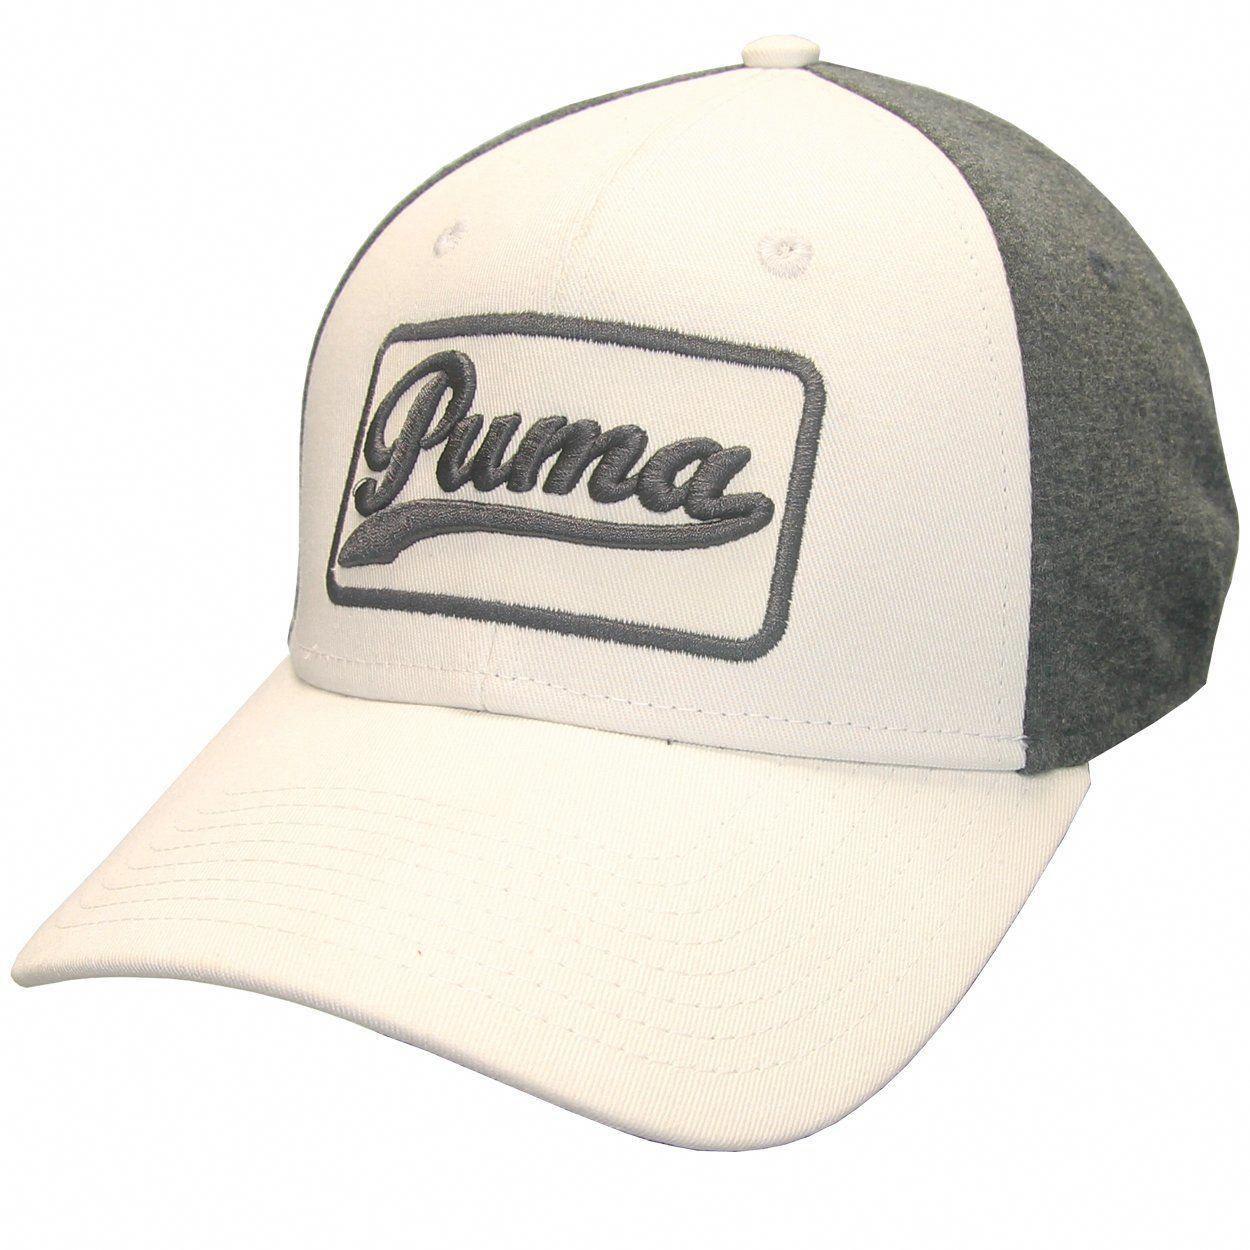 981717c9e96 Men Golf Clothing - Puma Golf Greenskeeper Adjustable Cap  mensgolfclothes